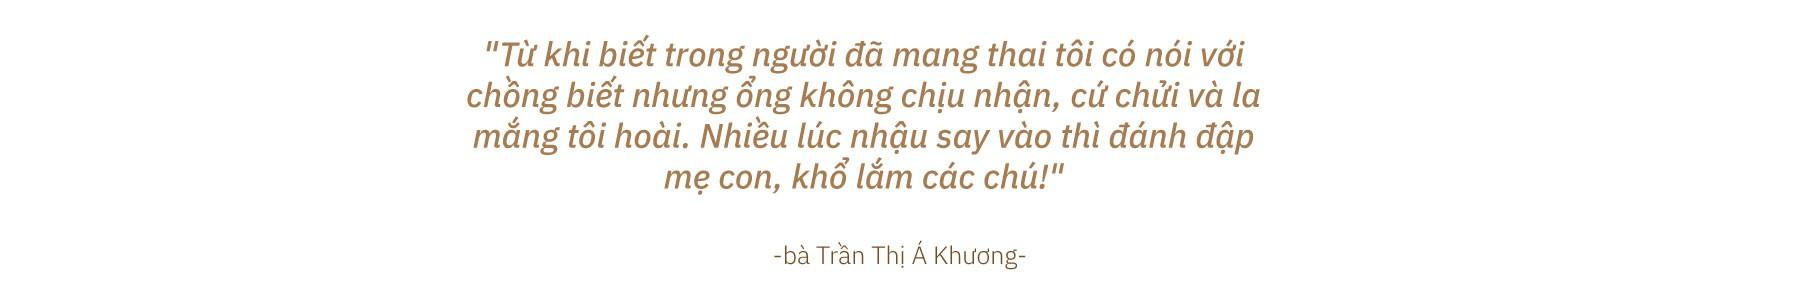 Cuộc đời khốn khổ của người mẹ chôn sống con ở Bình Thuận - Ảnh 4